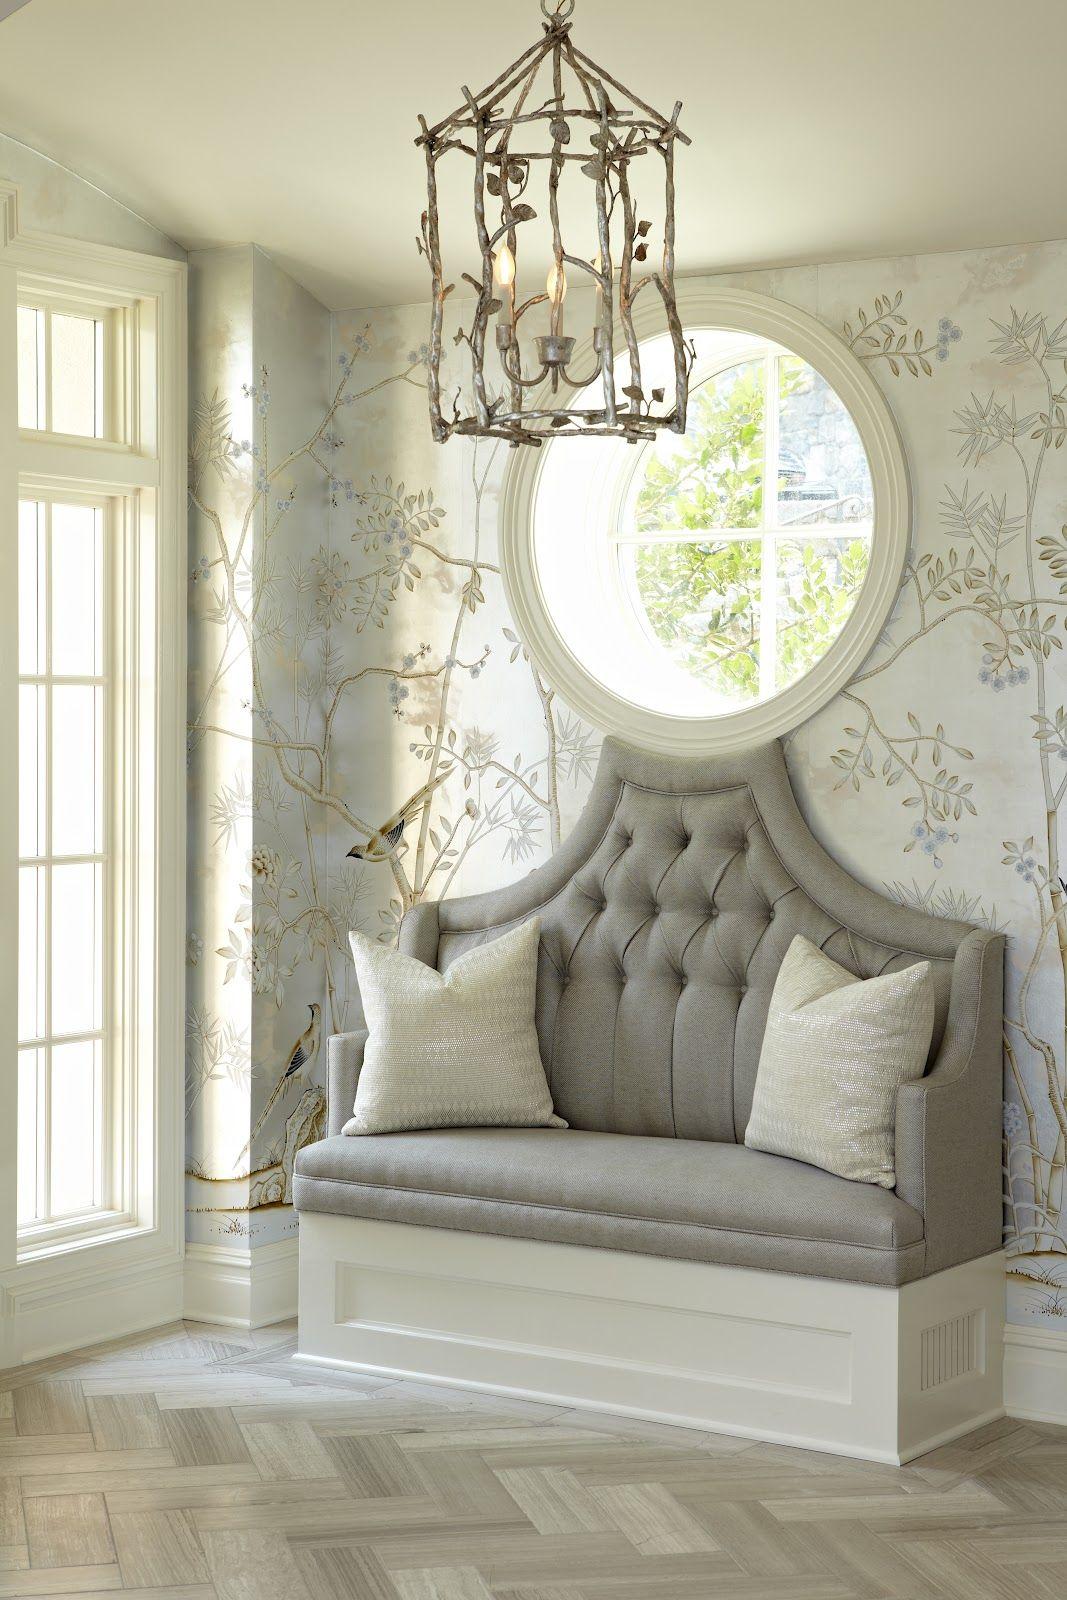 tufted bench, wallpaper, herringbone floor, light fixture...so pretty!